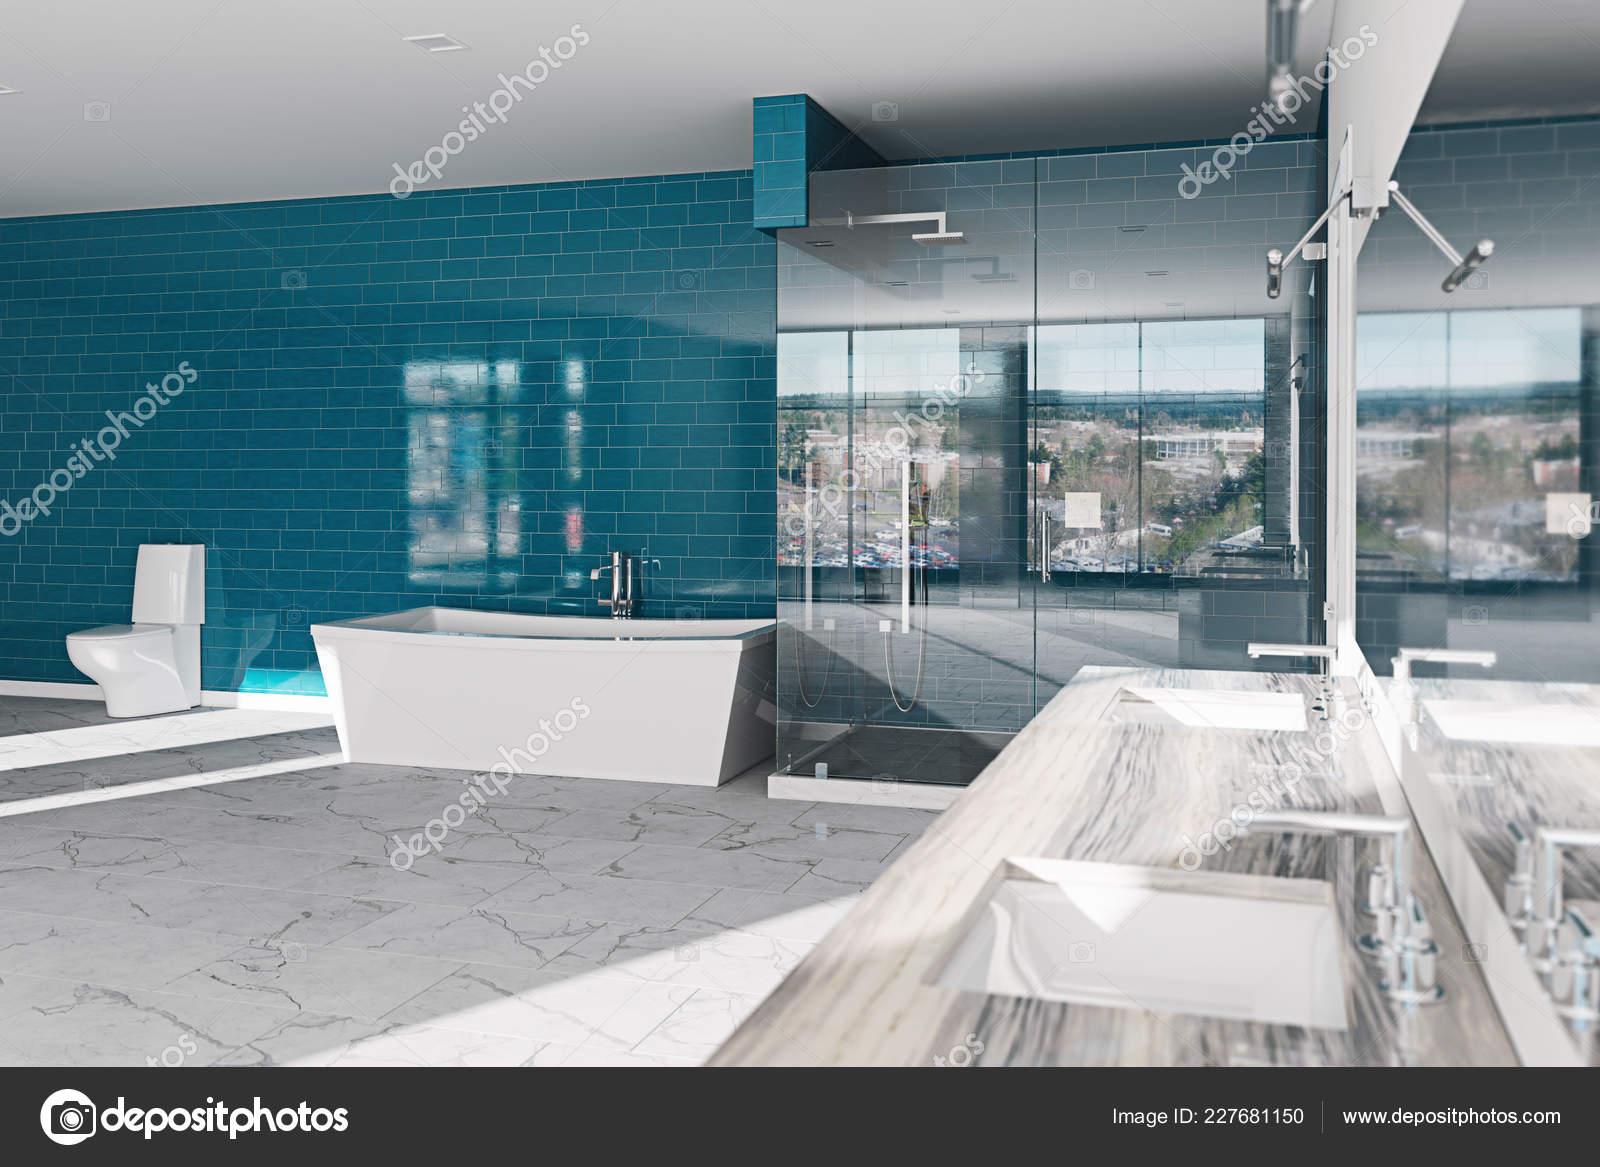 Spa Concept Salle Bains Hôtel Architecture Moderne Design Intérieur Rendu U2014  Photo